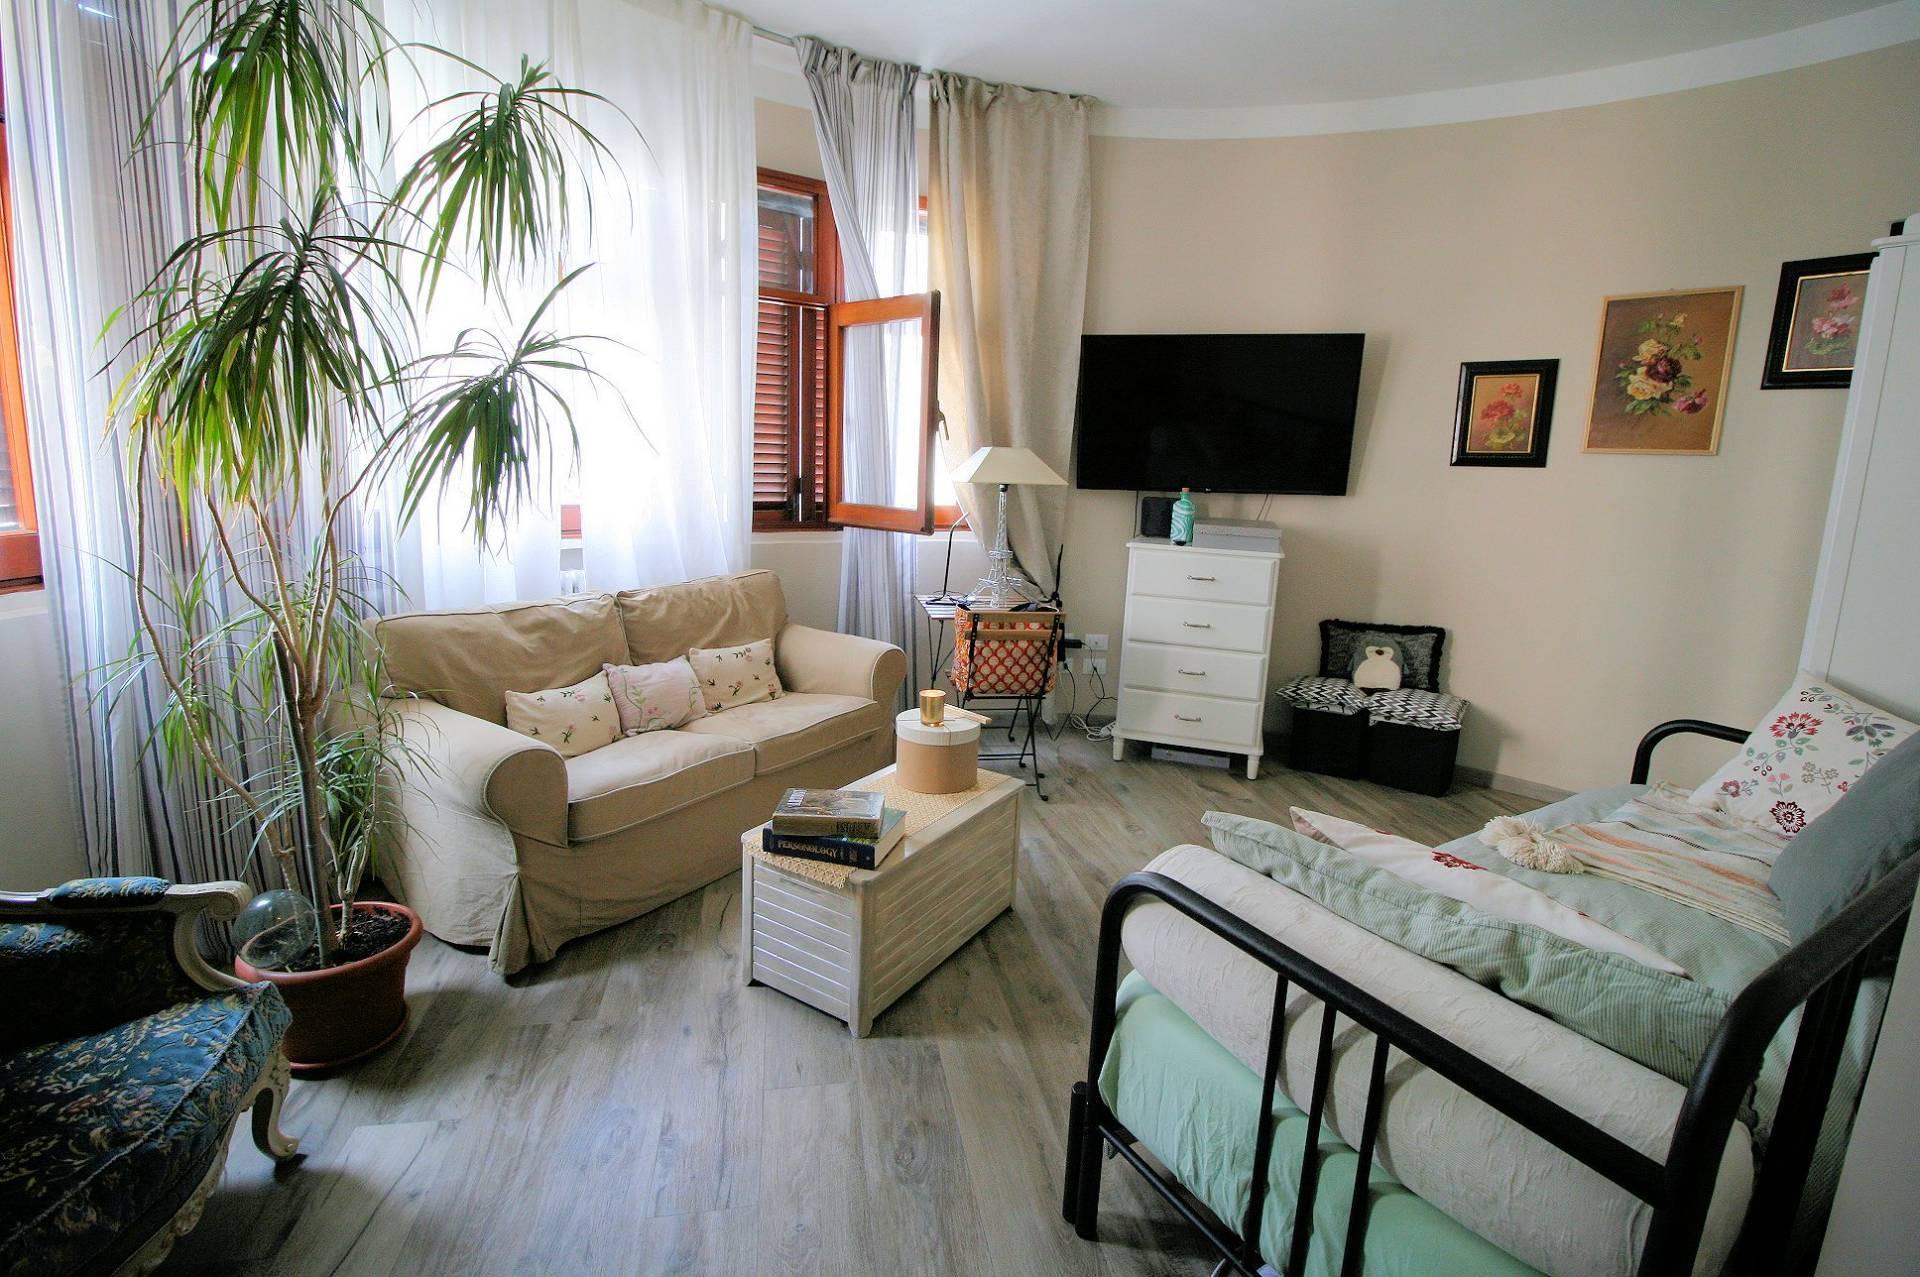 Appartamento in vendita a Pistoia, 5 locali, prezzo € 290.000 | PortaleAgenzieImmobiliari.it